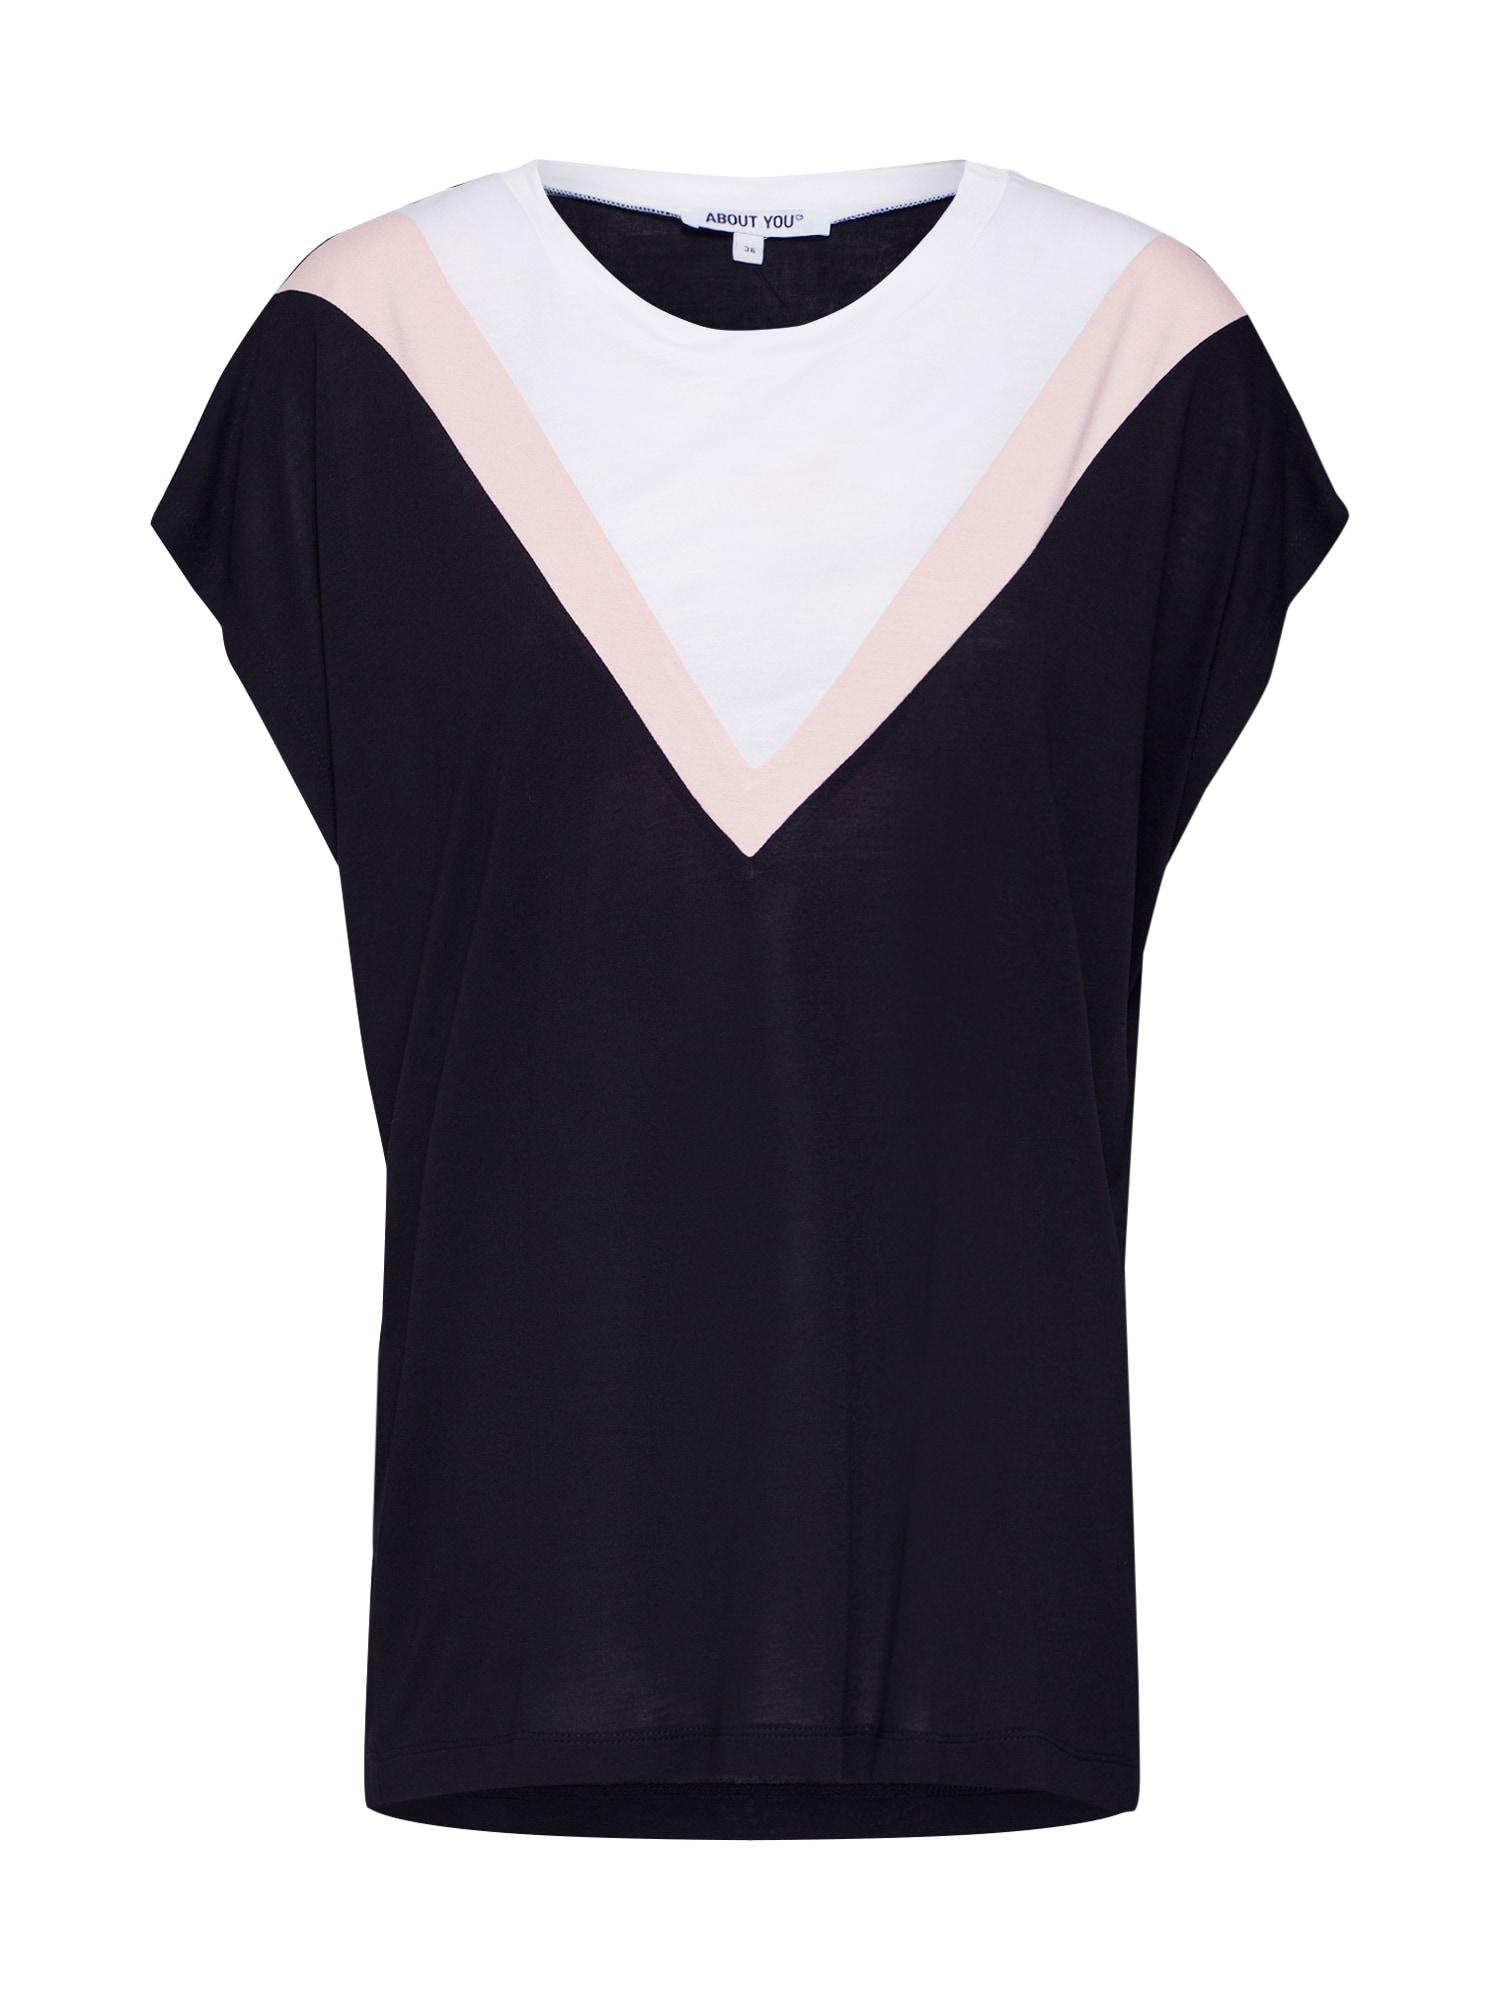 ABOUT YOU Marškinėliai 'Loana' rožių spalva / juoda / balta